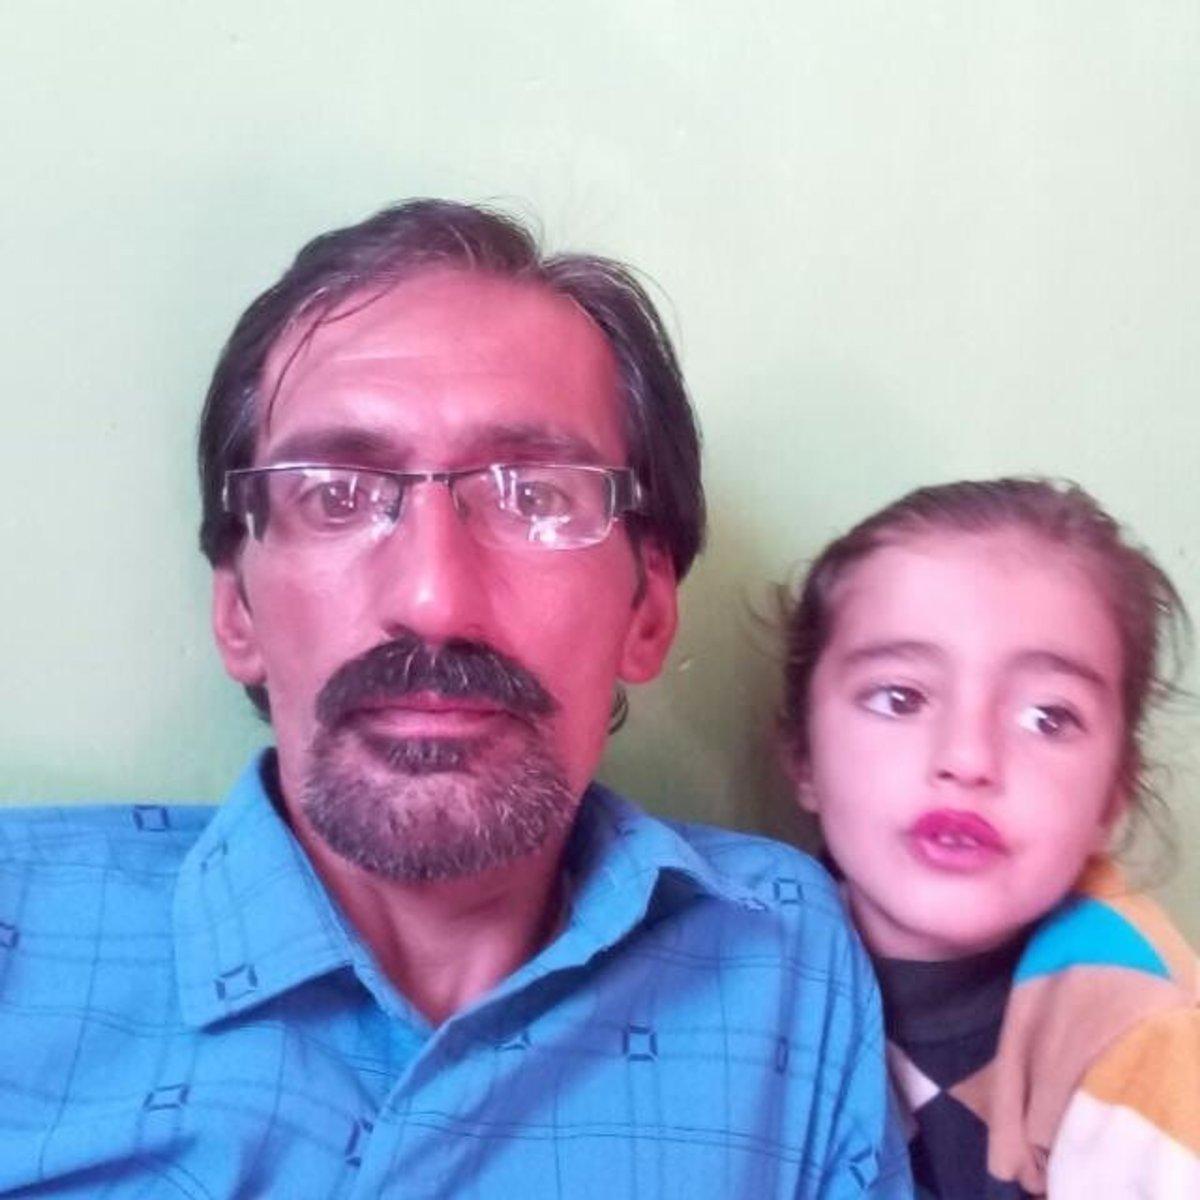 پیام خانواده فرزند شهیدی که خودسوزی کرد خطاب به مردم